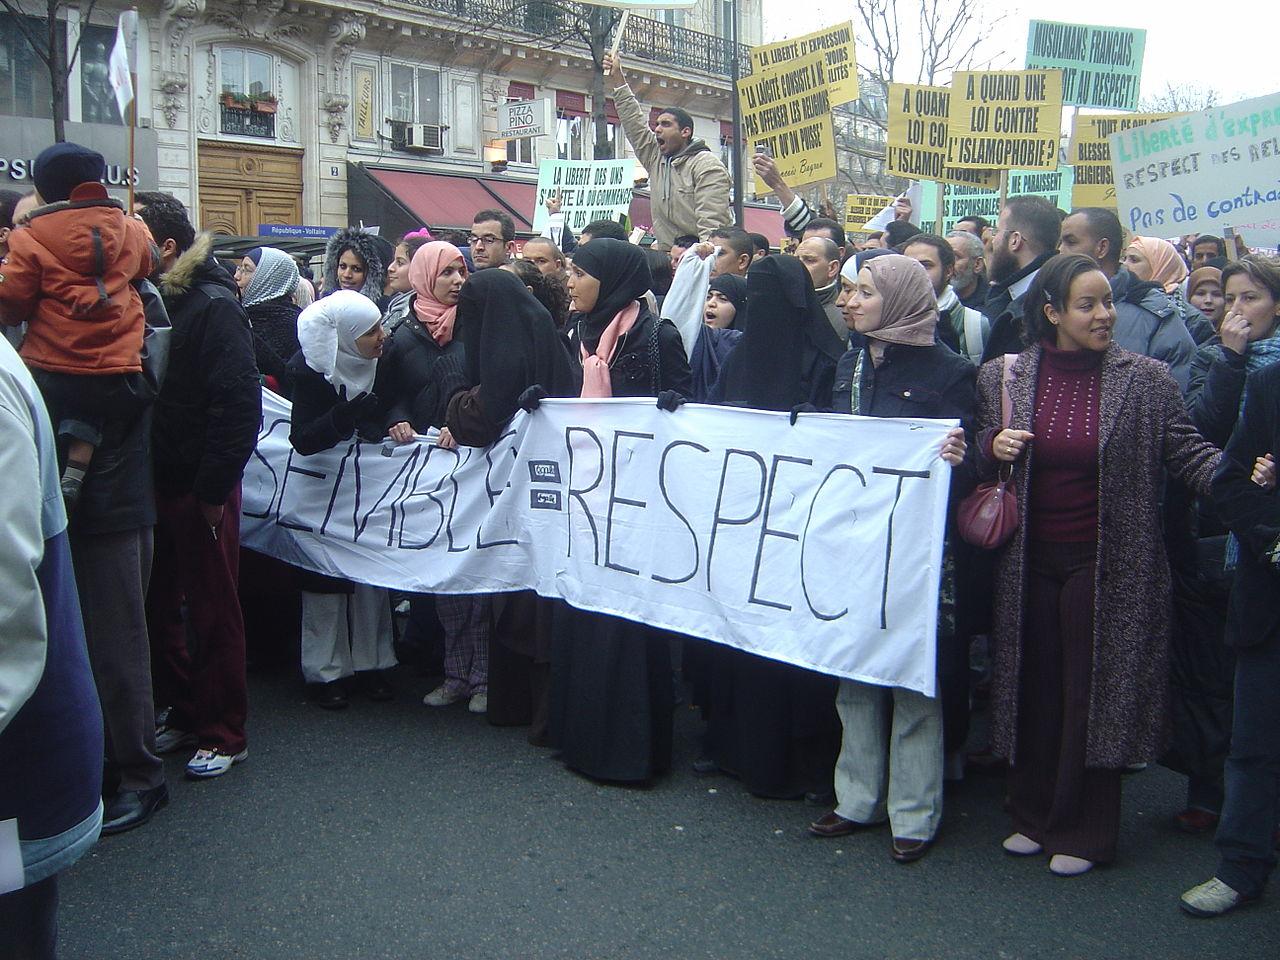 Paris 2006-02-11 anti-caricature protest bannieres dsc07496.jpg